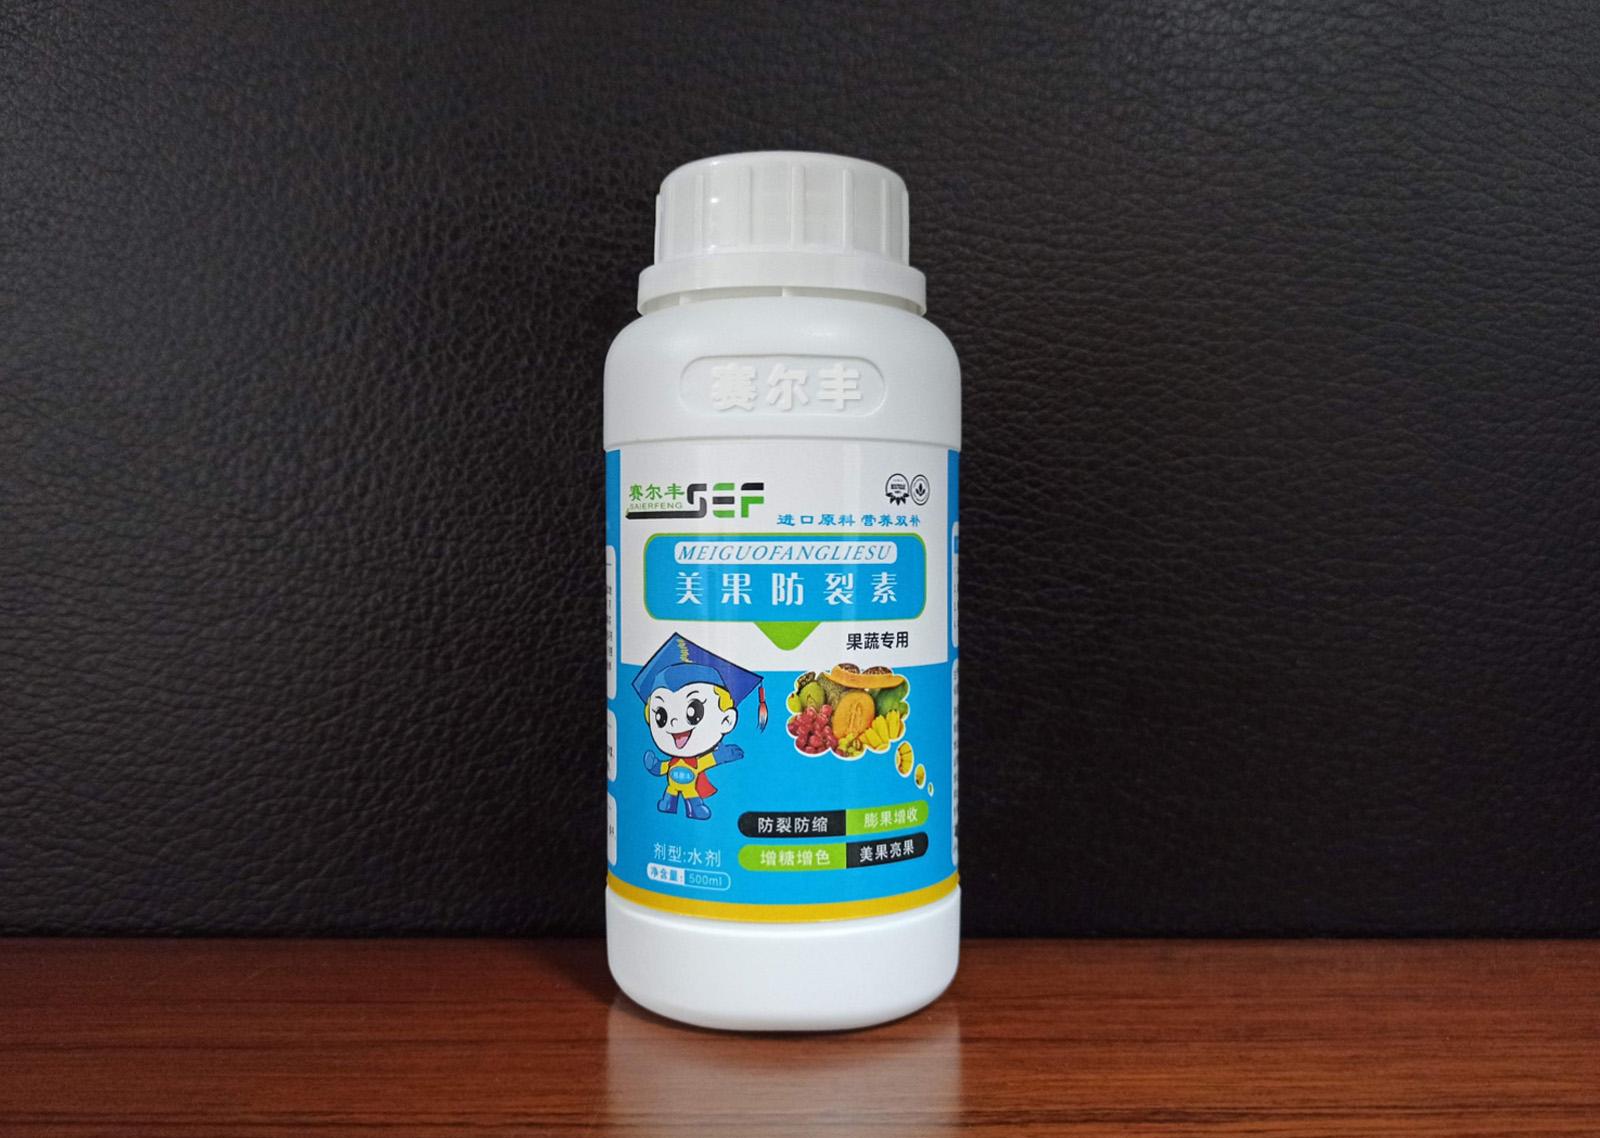 美果防裂素-果蔬专用